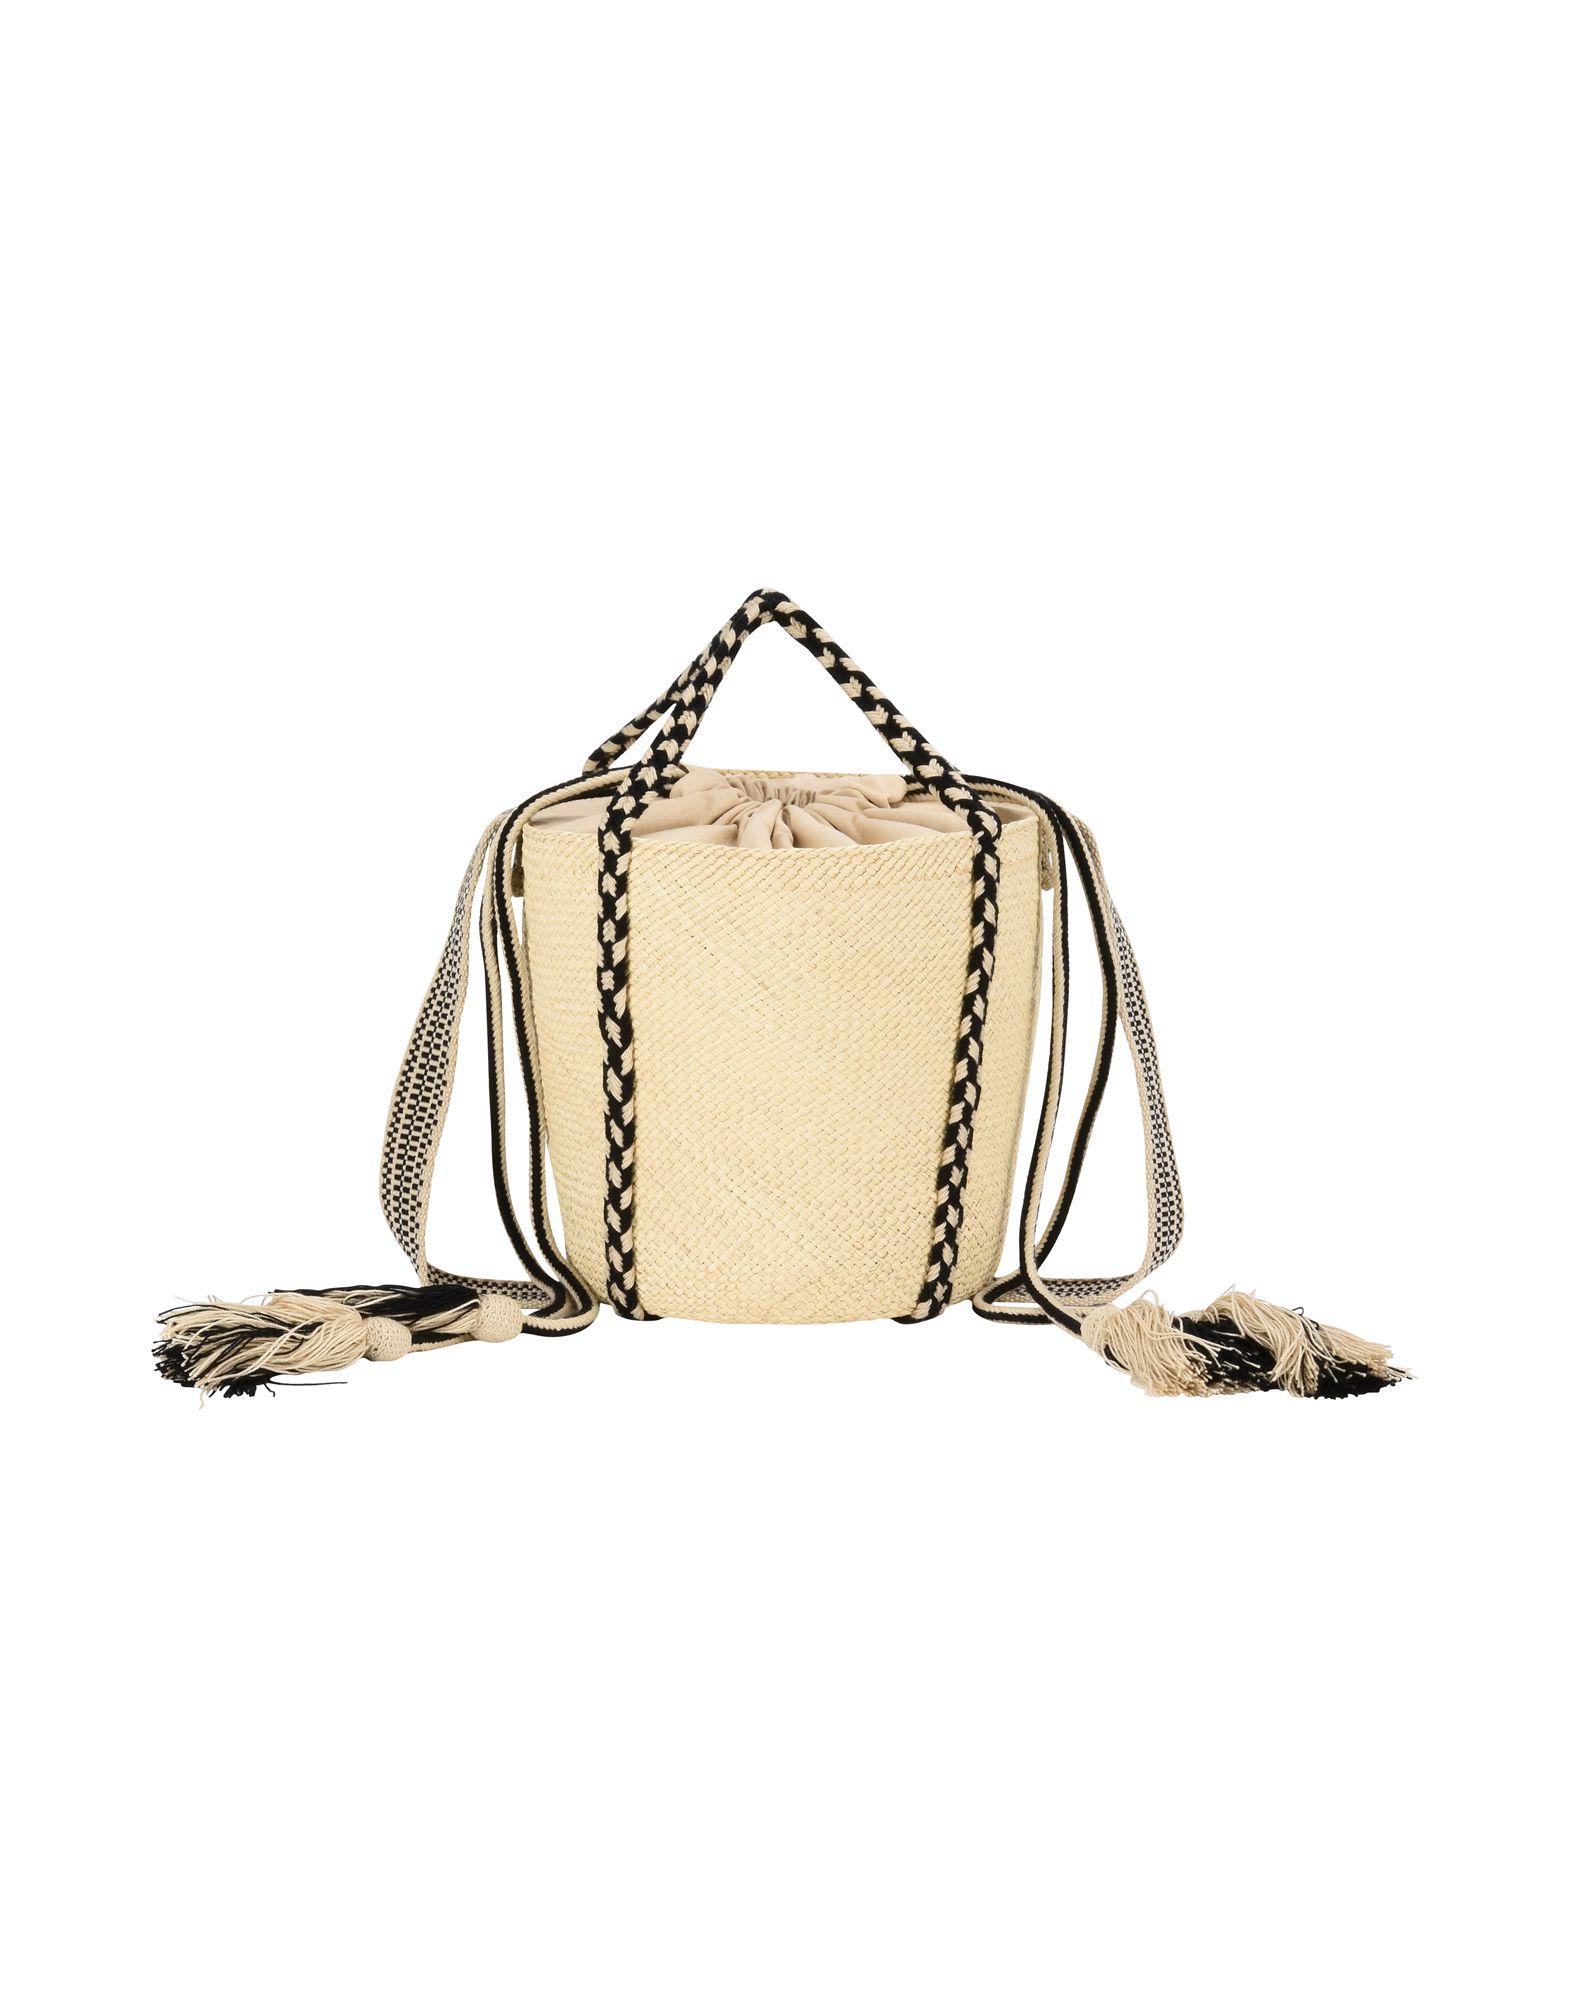 GUANABANA Сумка через плечо aliwilliam® 2015 новый женский мини цепь плечо сумка дизайнер сумки crossbody сумка для женщин малый messenger мешок 5 цветов